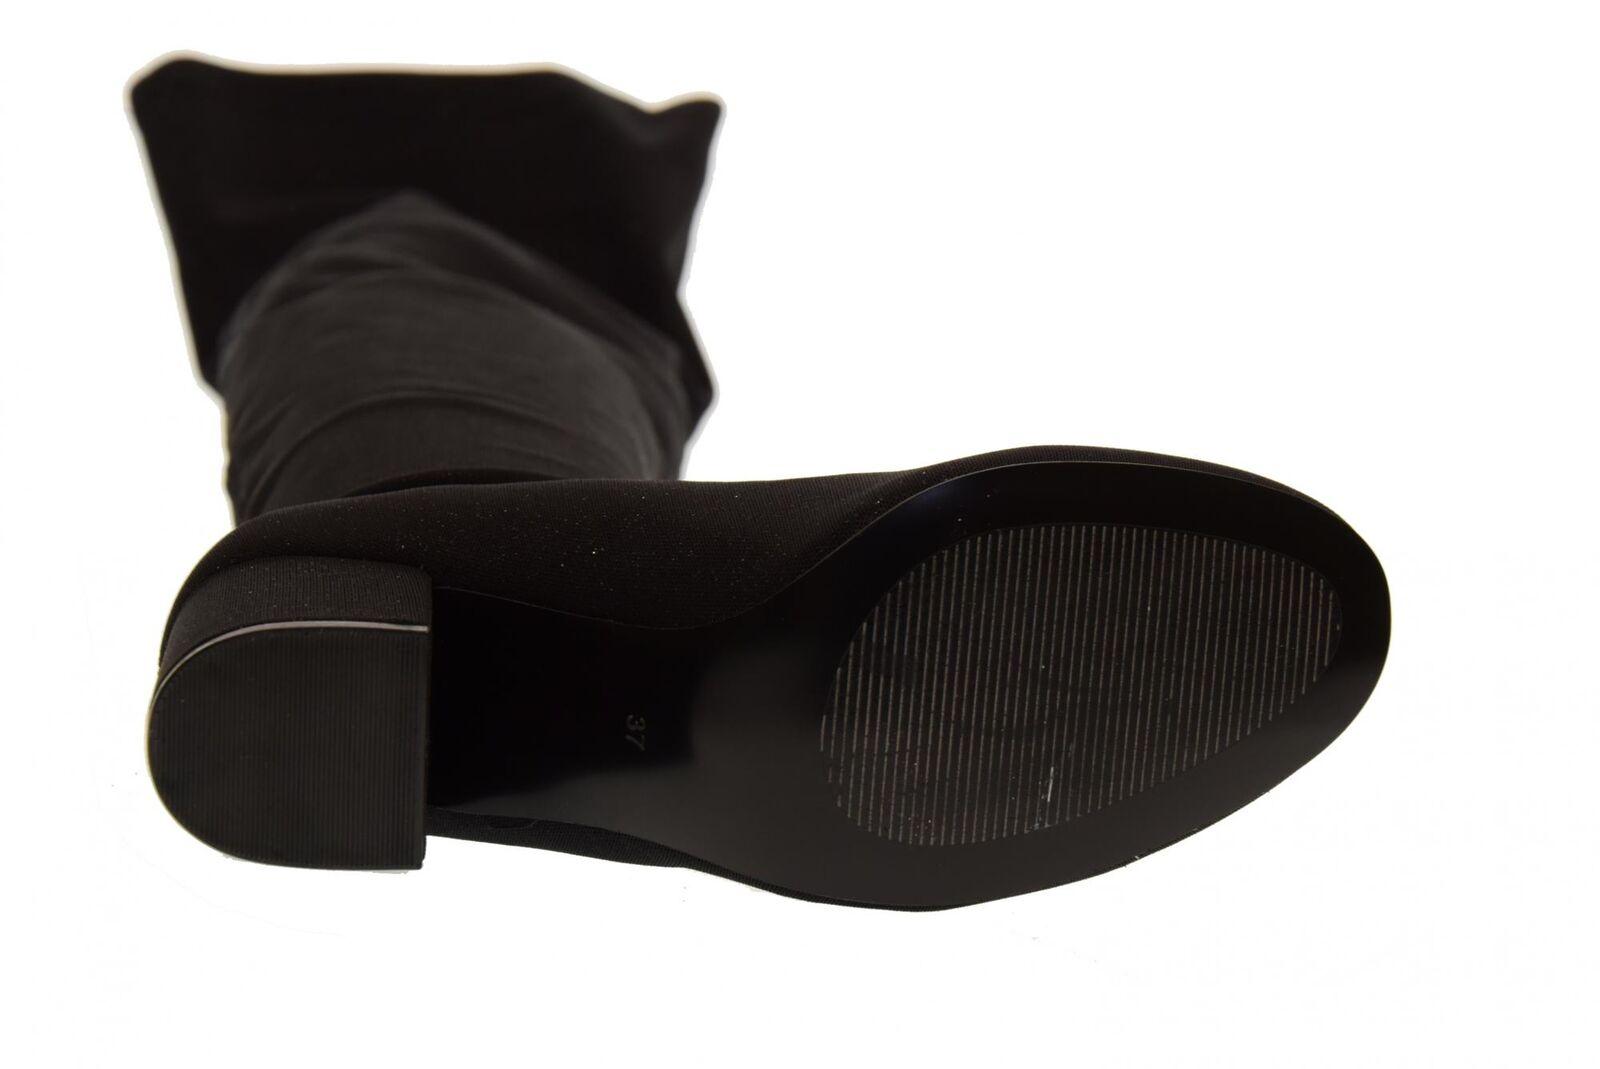 Gioseppo A18g Stiefel Damenschuhe hochelastischer knielanger Stiefel A18g 46485 mittlerer Abs 66fbe8